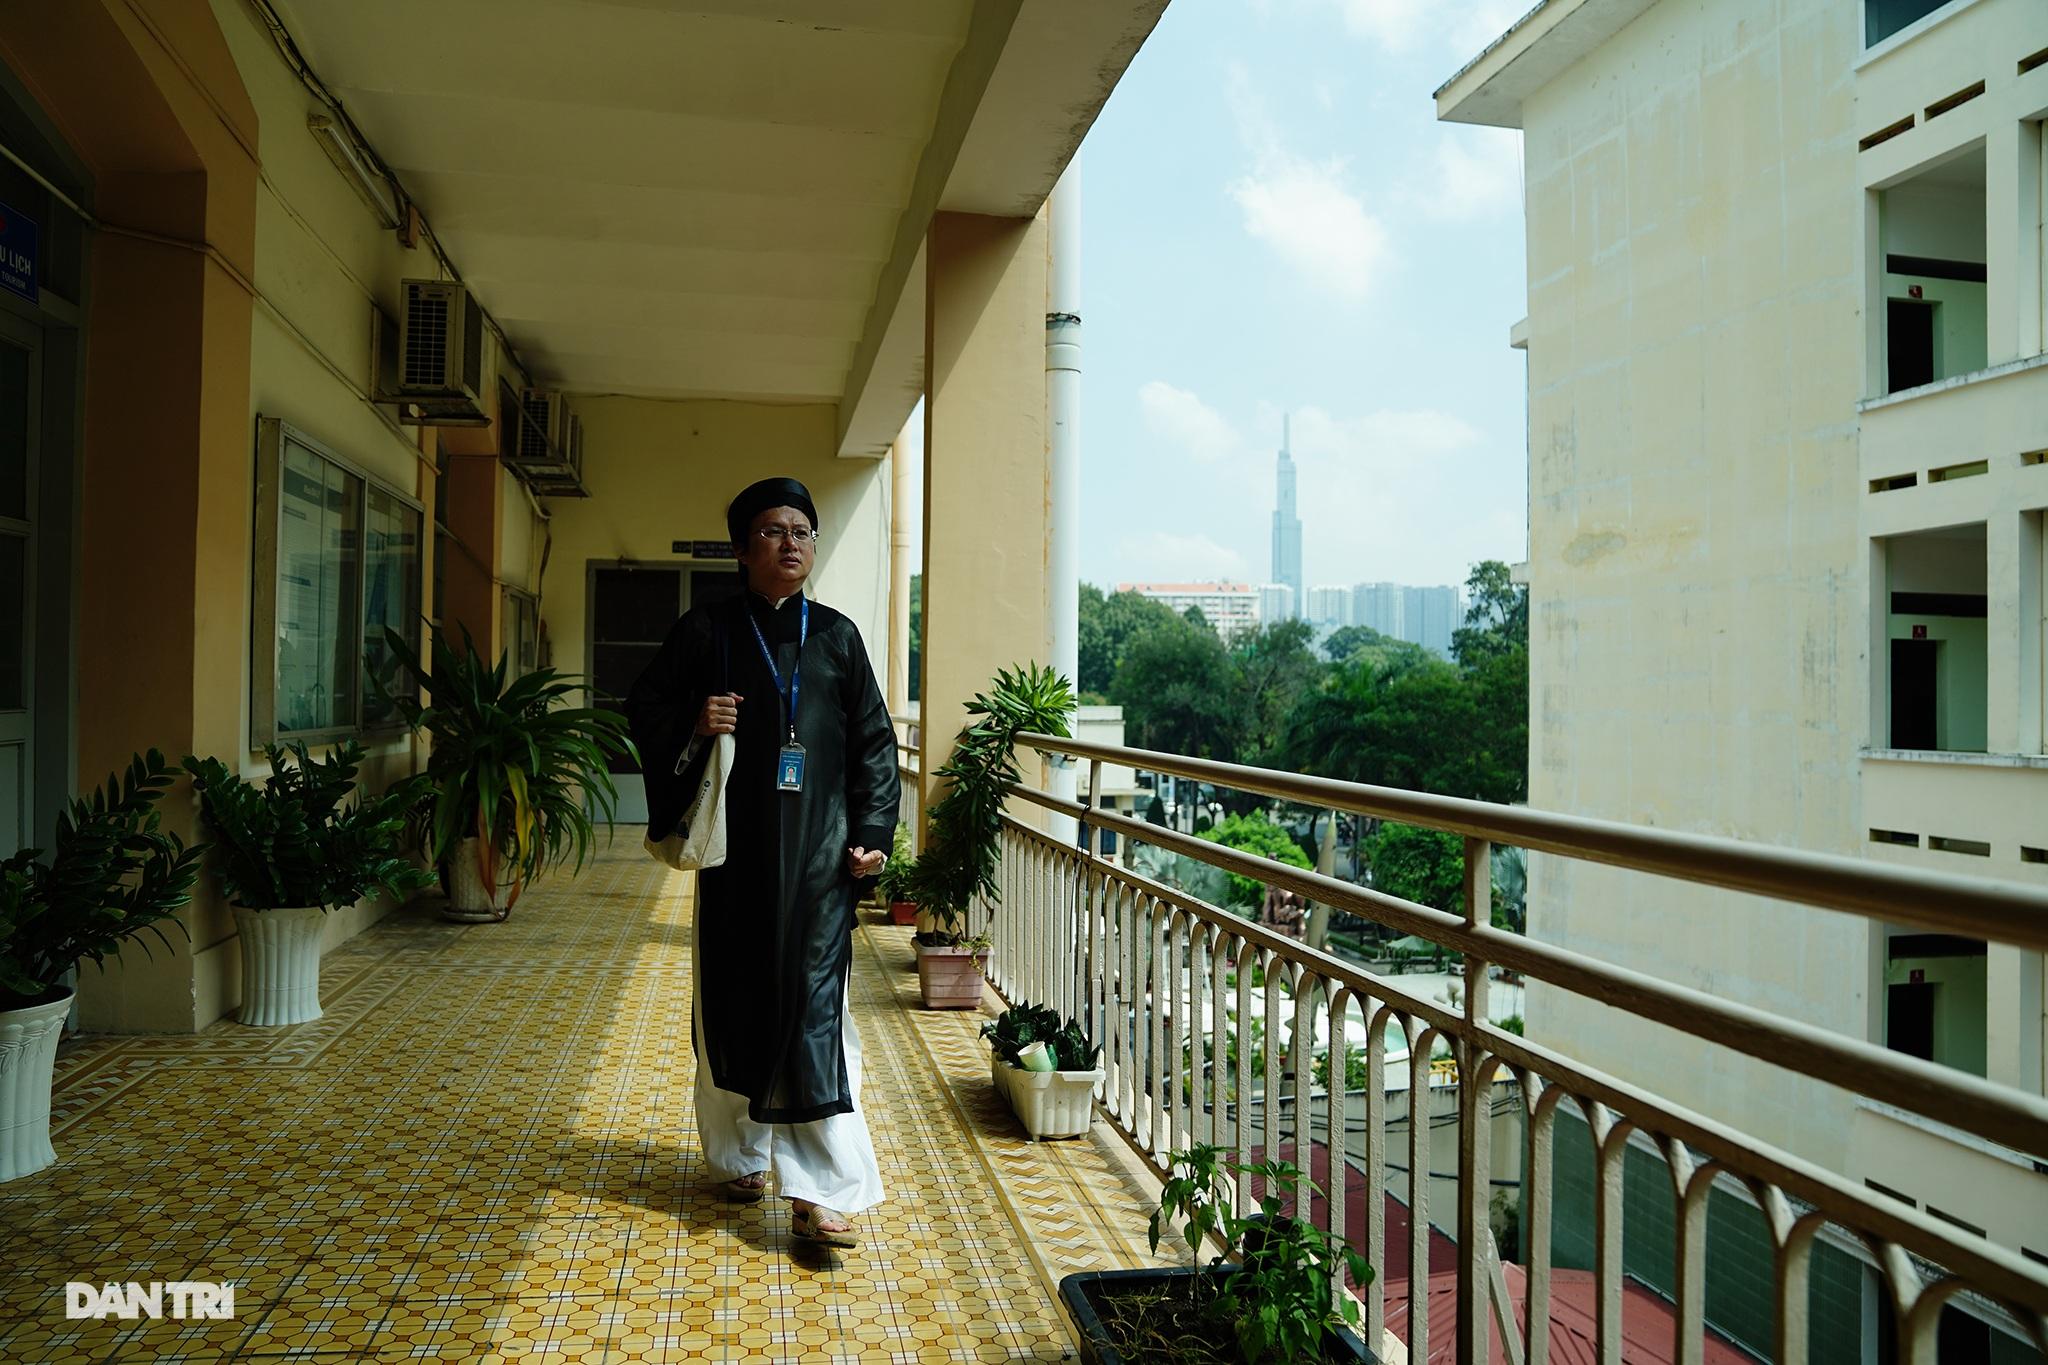 Thầy giáo gần 10 năm mặc áo dài, đi guốc mộc đến giảng đường - 8